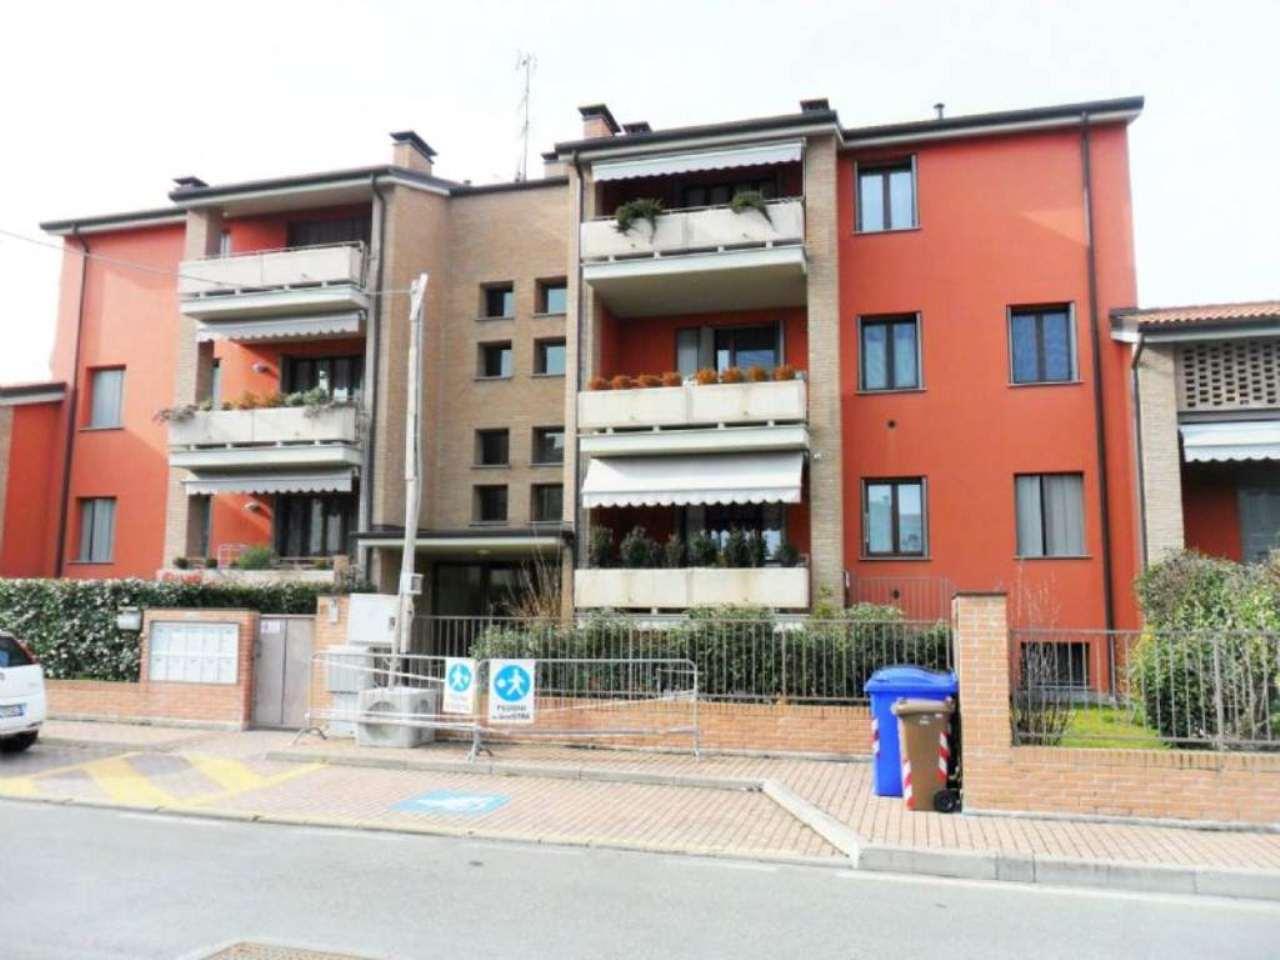 Appartamento in vendita a Noceto, 3 locali, prezzo € 175.000 | Cambio Casa.it